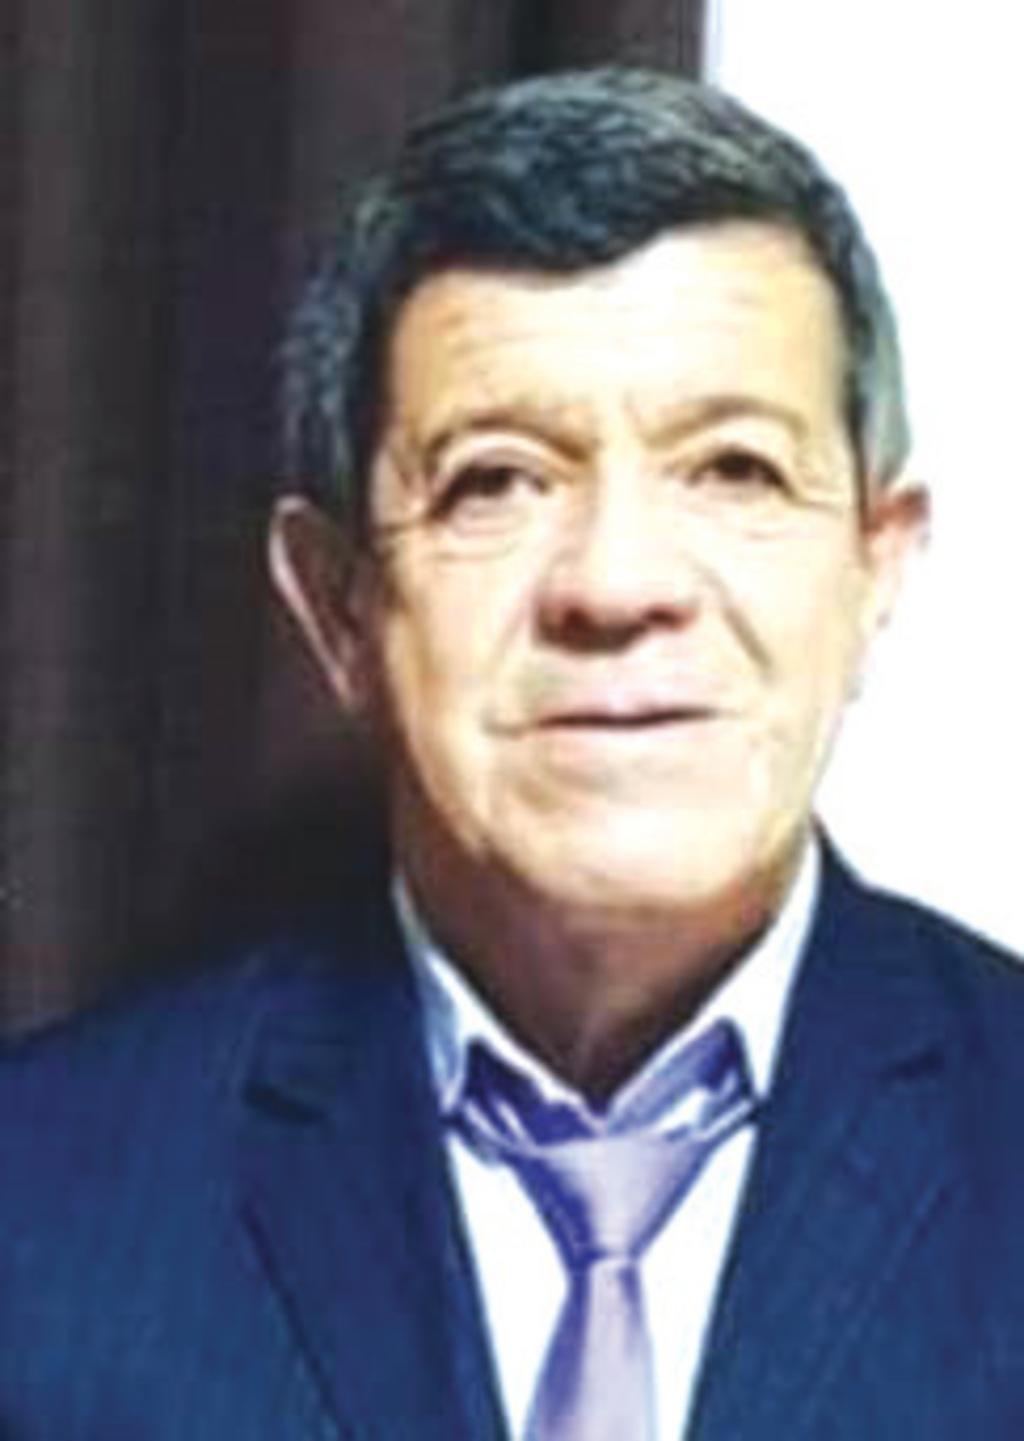 Sargento aposentado faleceu na sexta-feira. Foto: arquivo pessoal/reprodução